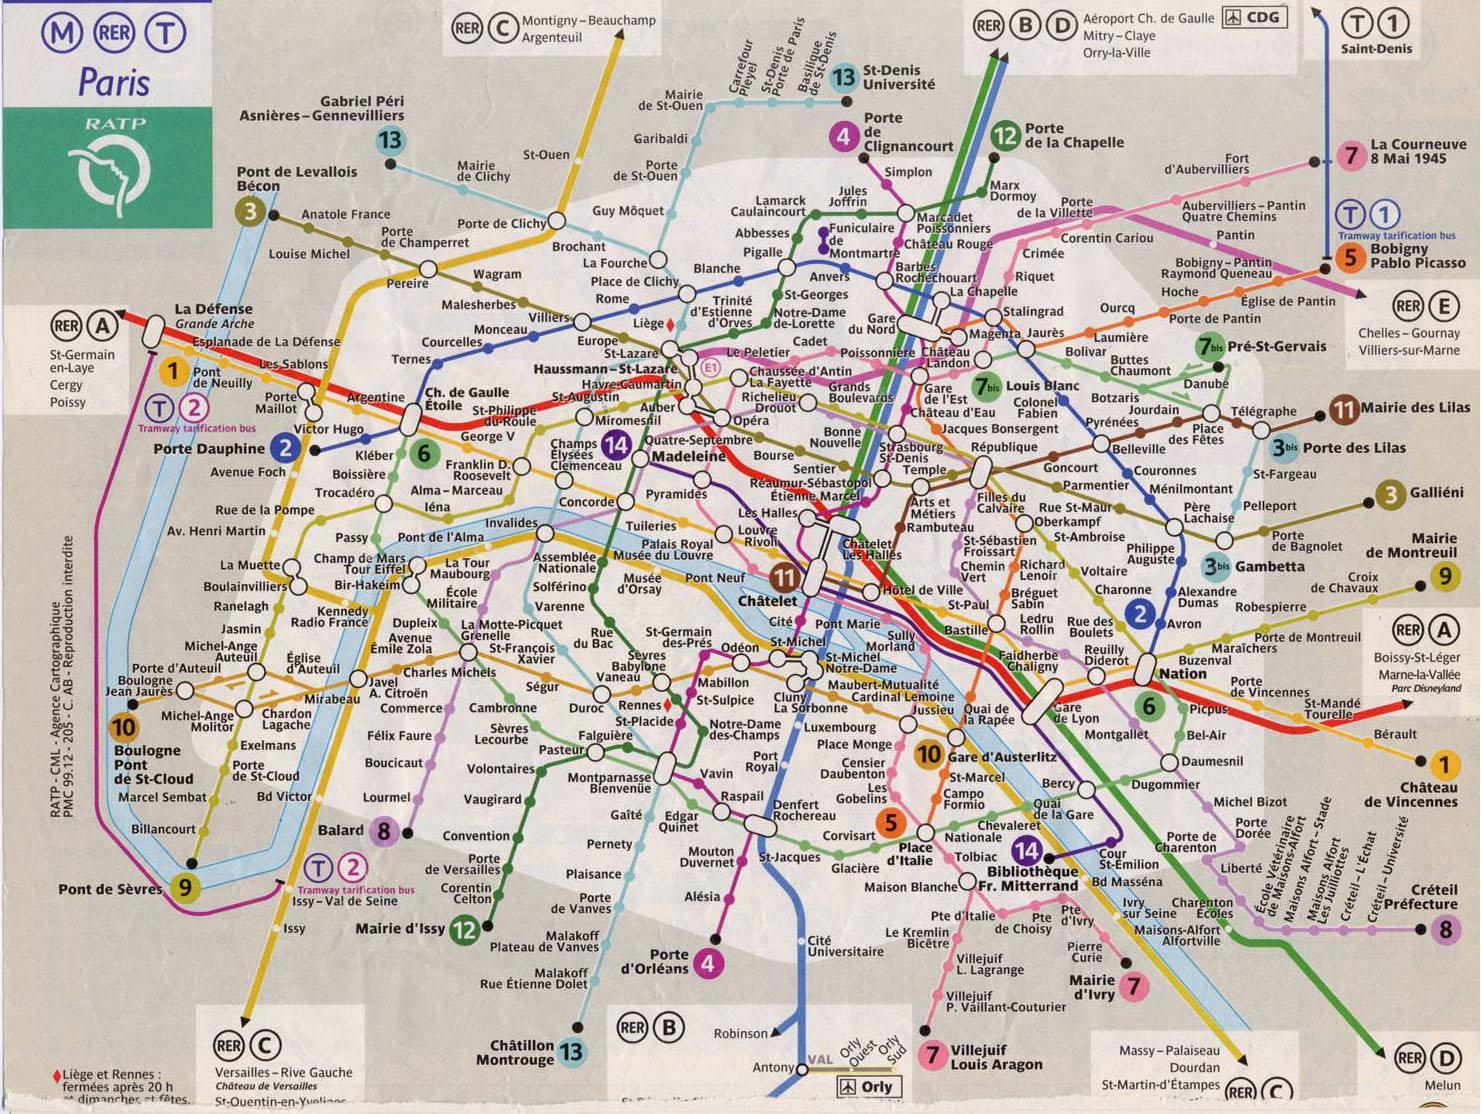 Cartina Parigi Con Monumenti E Metro.Parigi Metropolitana Mappa Di Parigi Linea Ferroviaria Mappa Ile De France Francia